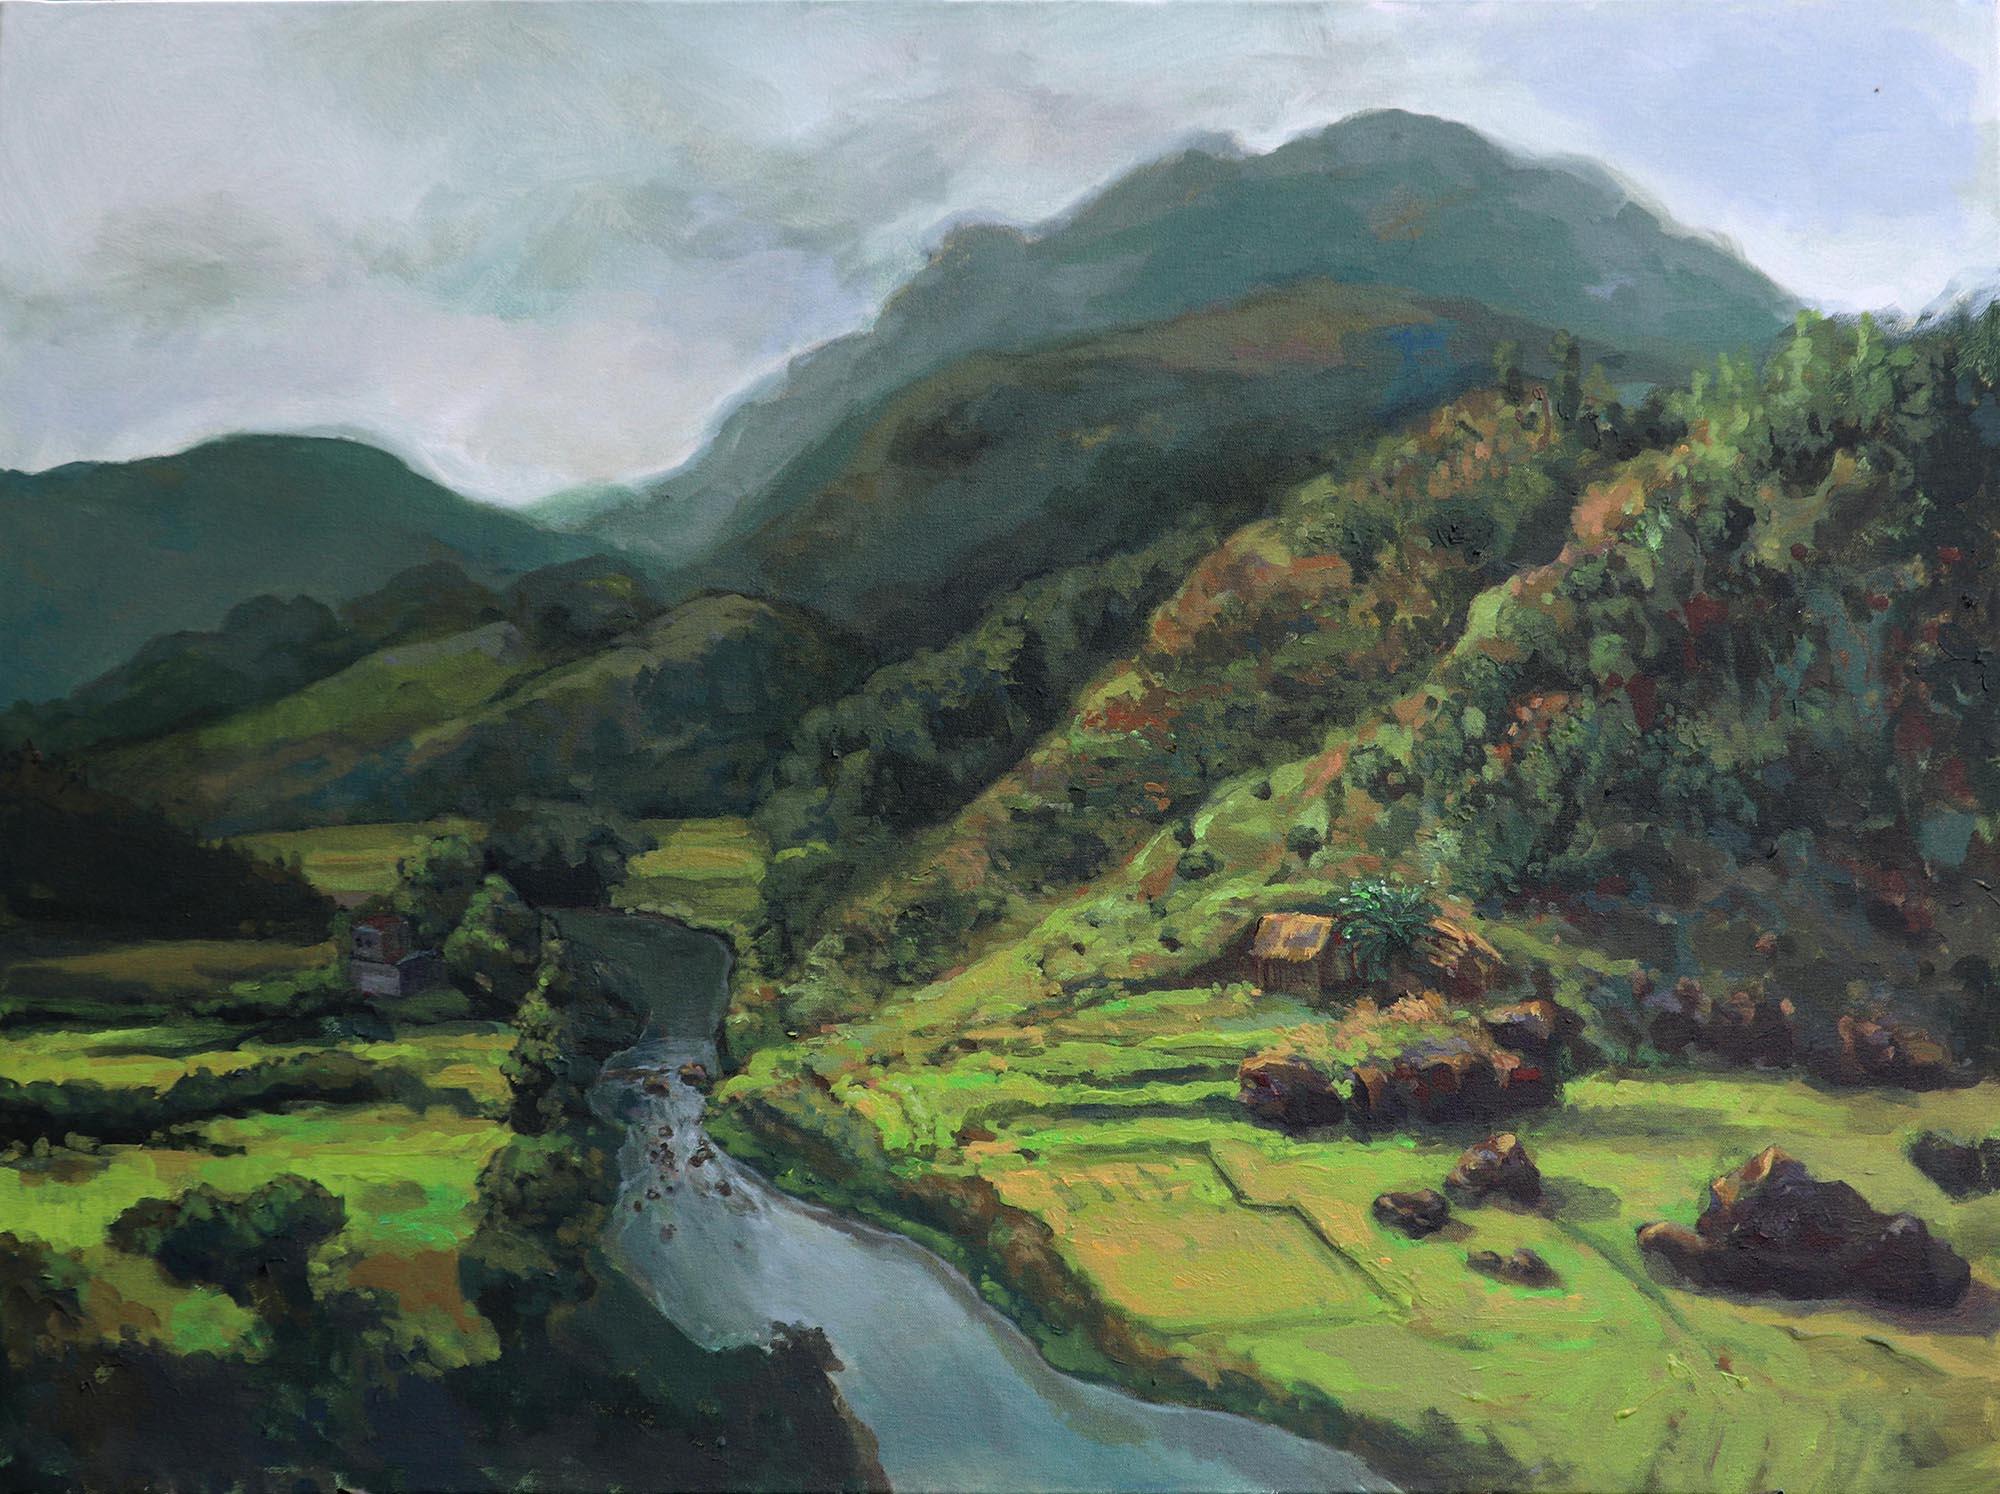 Md Imtiaj Islam, Landscape of Mawkyrwat, Acrylic on cavas, 75 x 100 cm, 2019